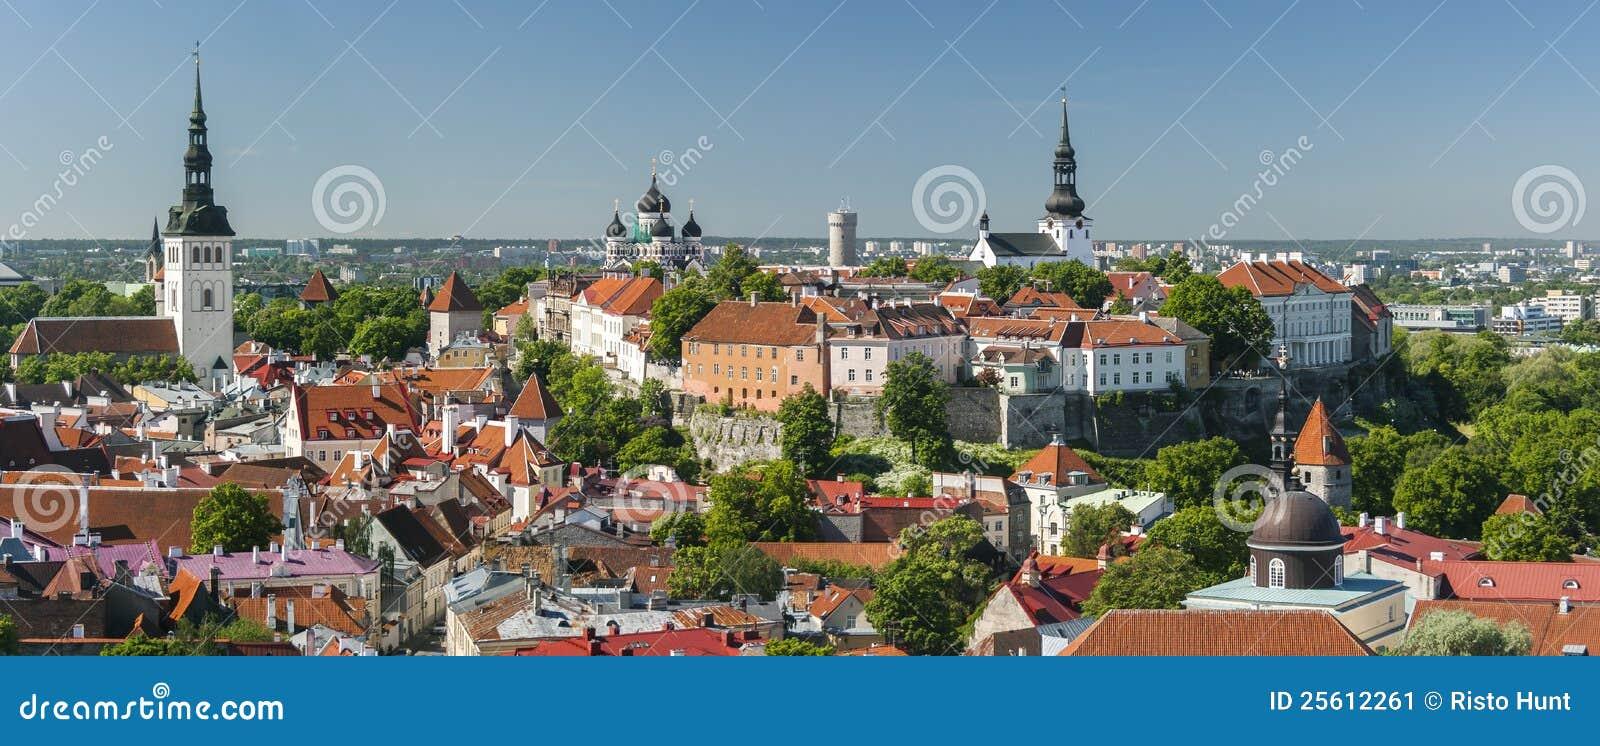 爱沙尼亚老全景夏天塔林城镇